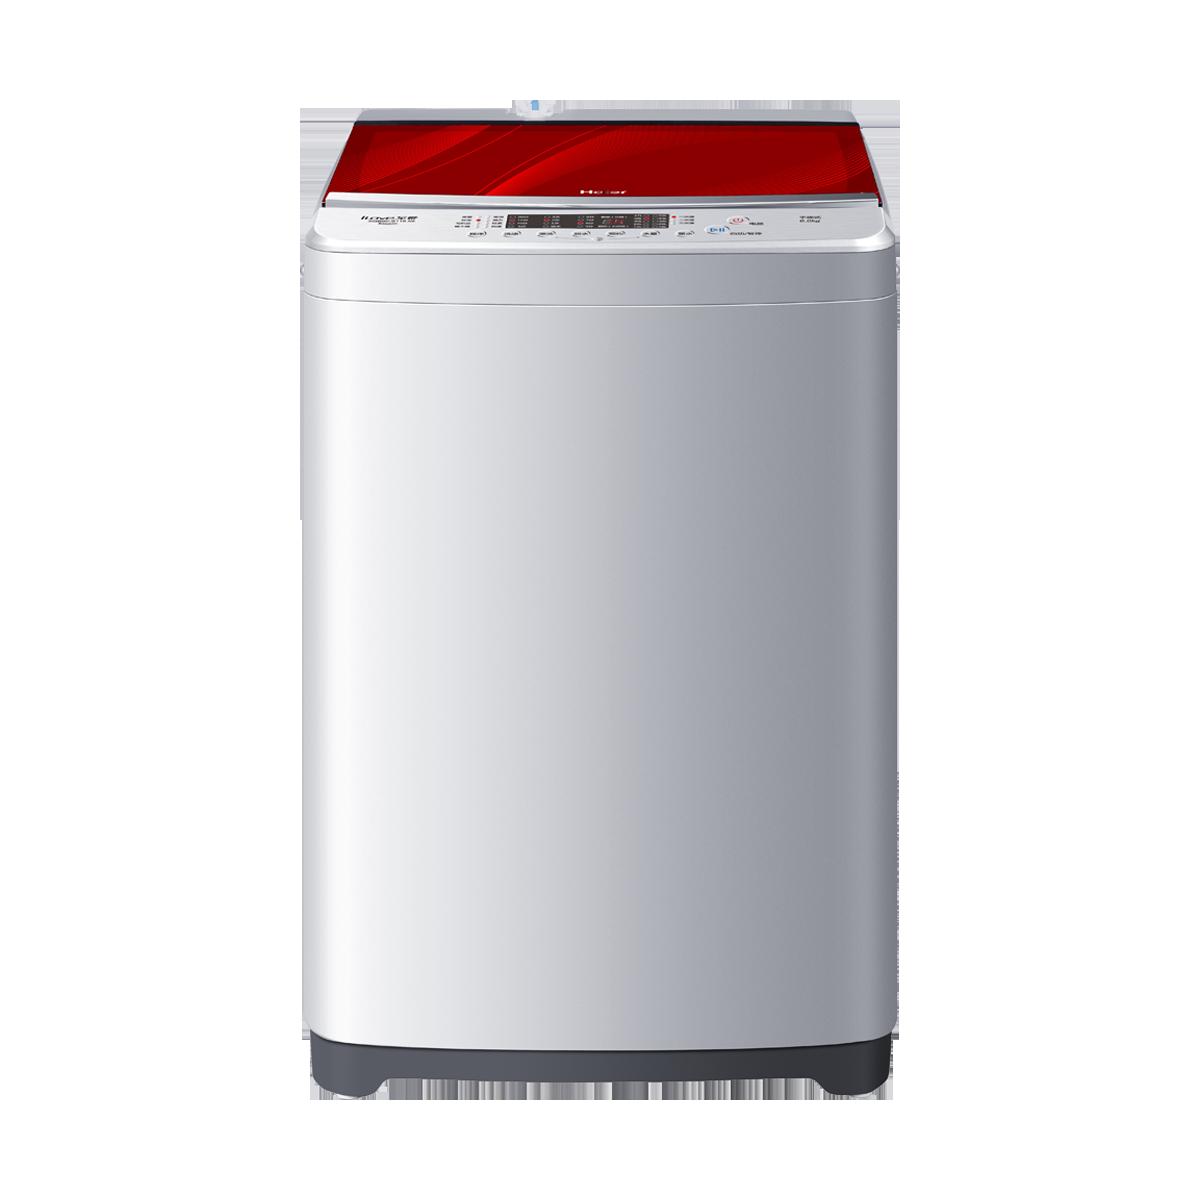 海尔Haier洗衣机 XQB60-S118(AM) 说明书